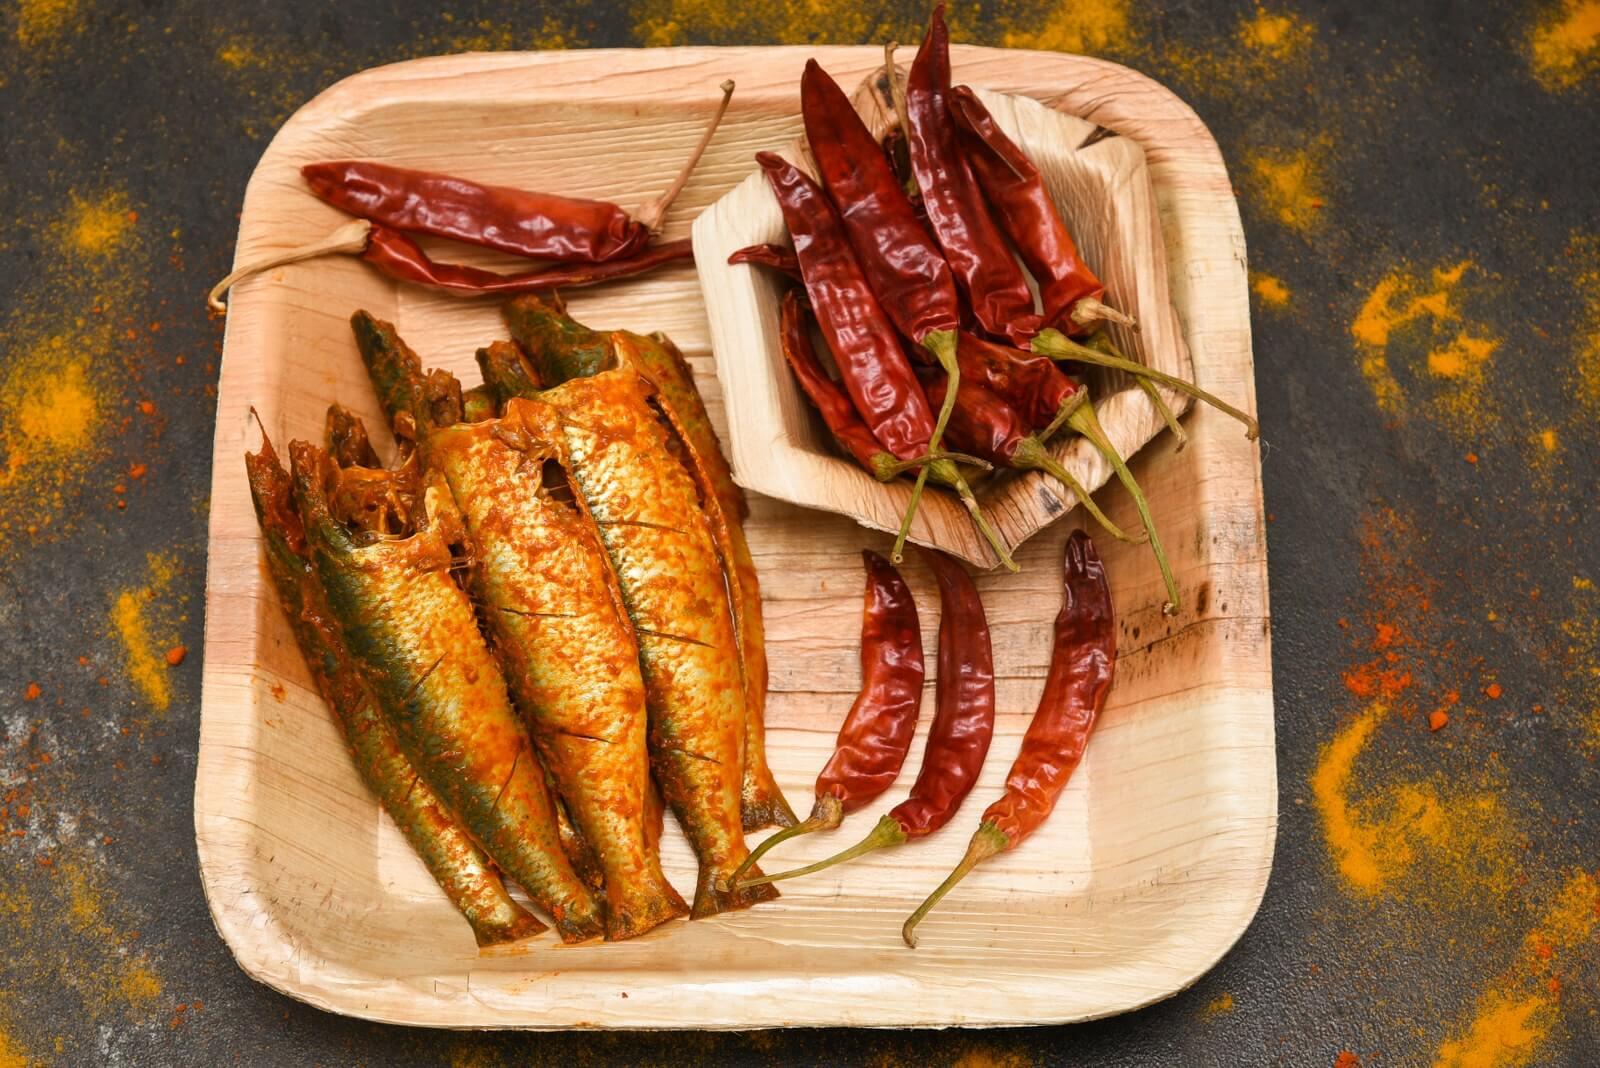 Letnie kolacje – 5 sposobów na pyszne jedzenie bez wysiłku z rybami Graal